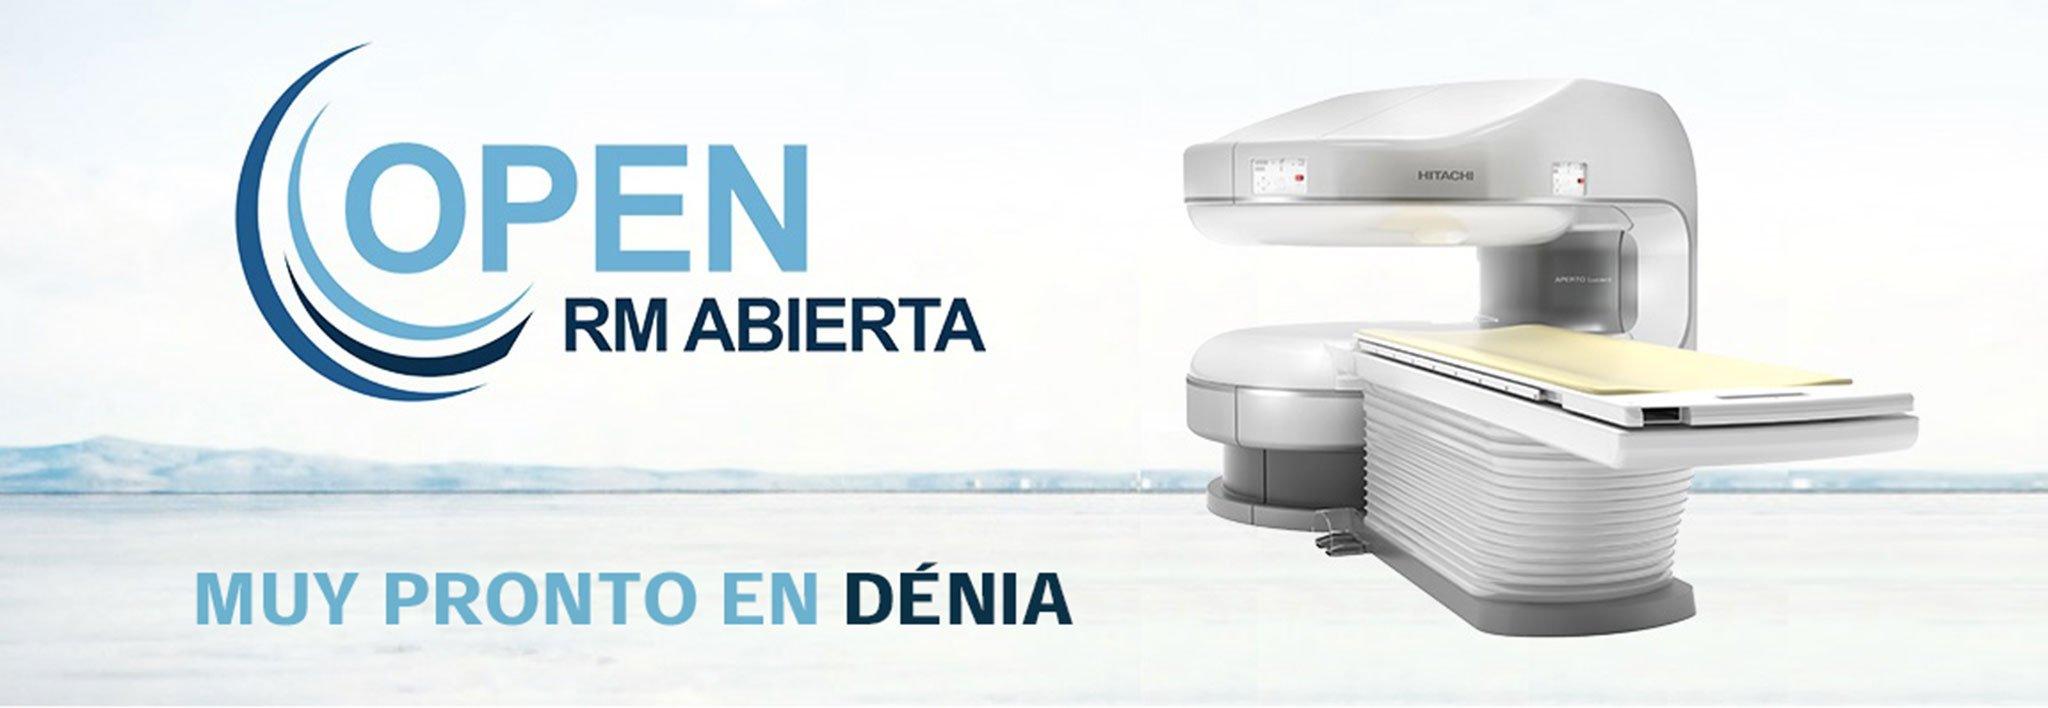 Resonancia magnética abierta en Dénia